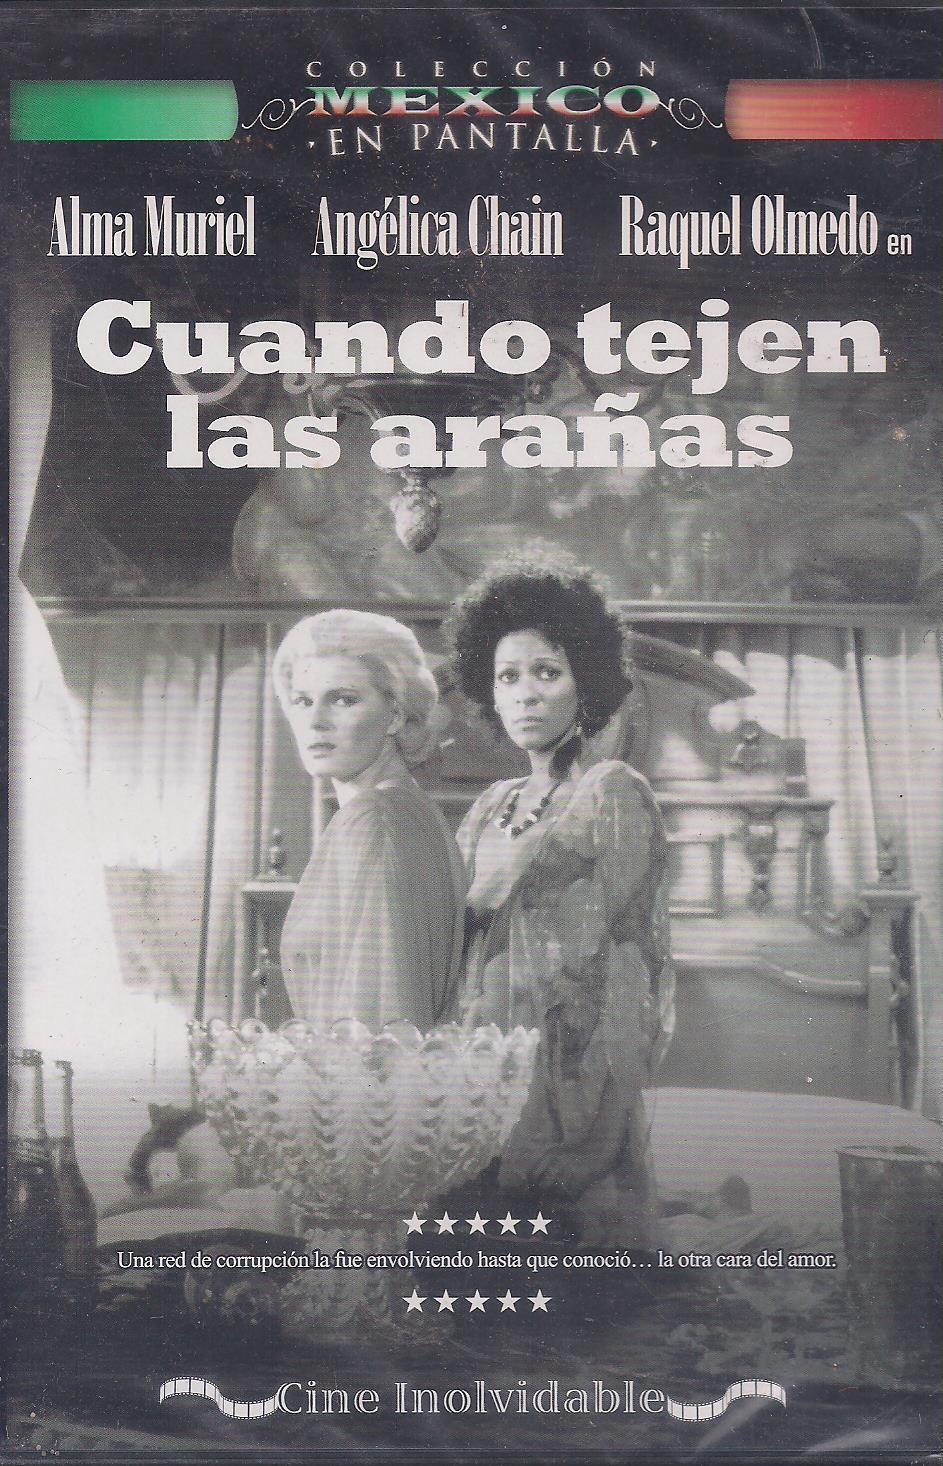 Alma Muriel Fotos cuando tejen las aranas 1977 dvd alma muriel y angelica chain